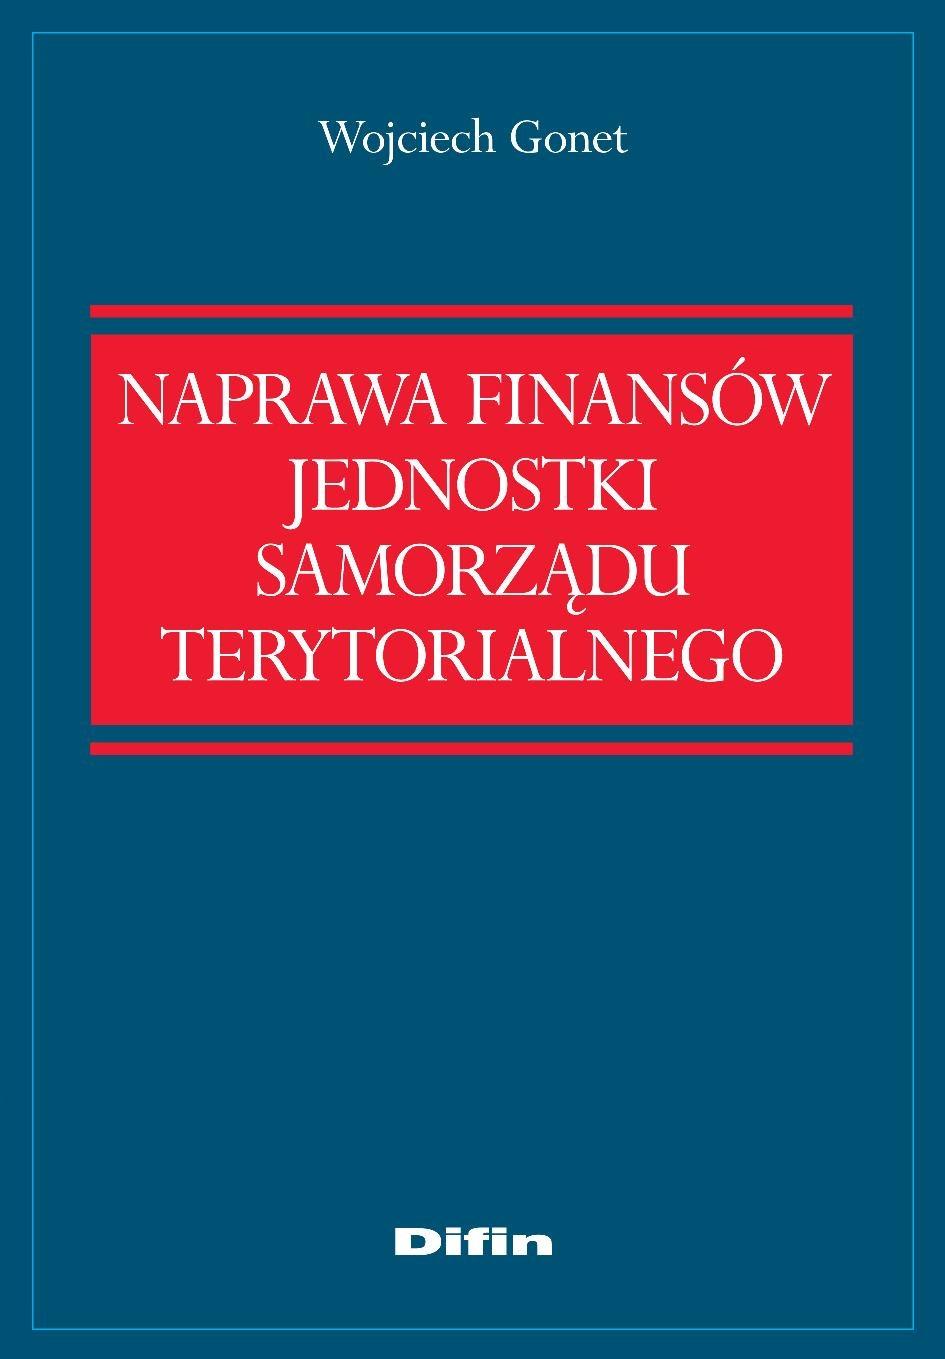 Naprawa finansów jednostki samorządu terytorialnego - Ebook (Książka na Kindle) do pobrania w formacie MOBI